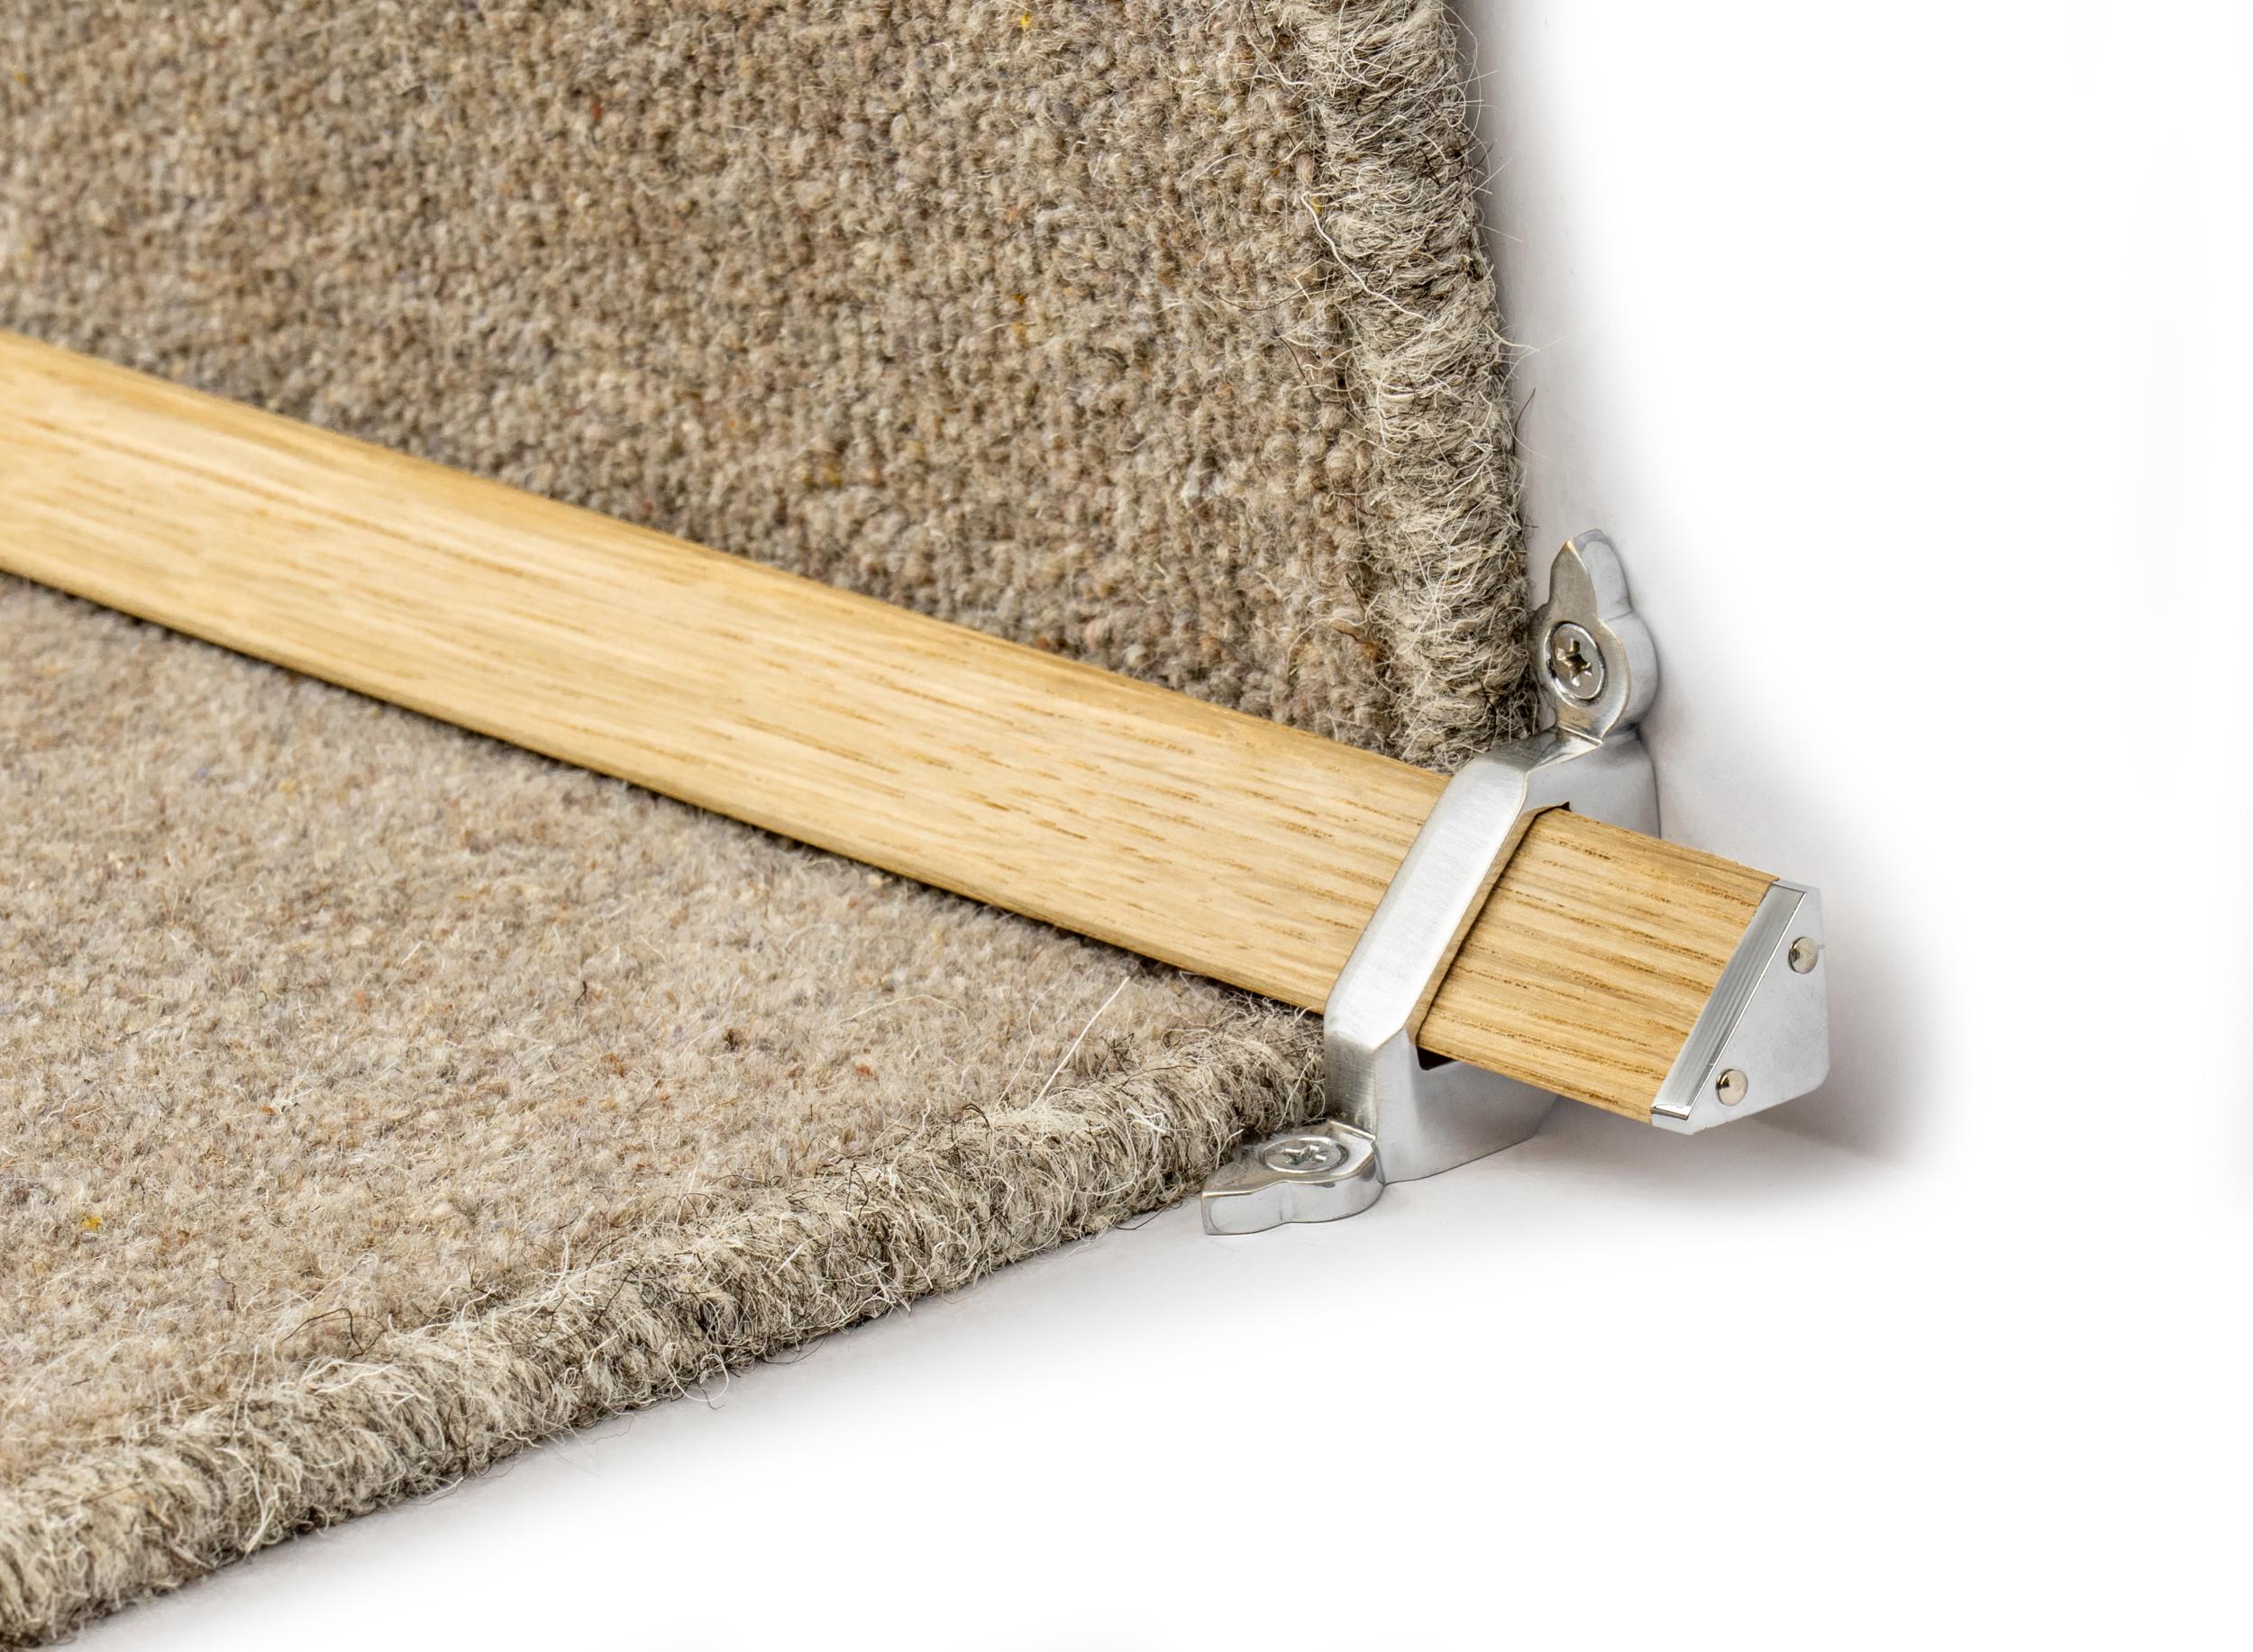 stairrods-brushed-chrome-light-oak-tudor.jpg